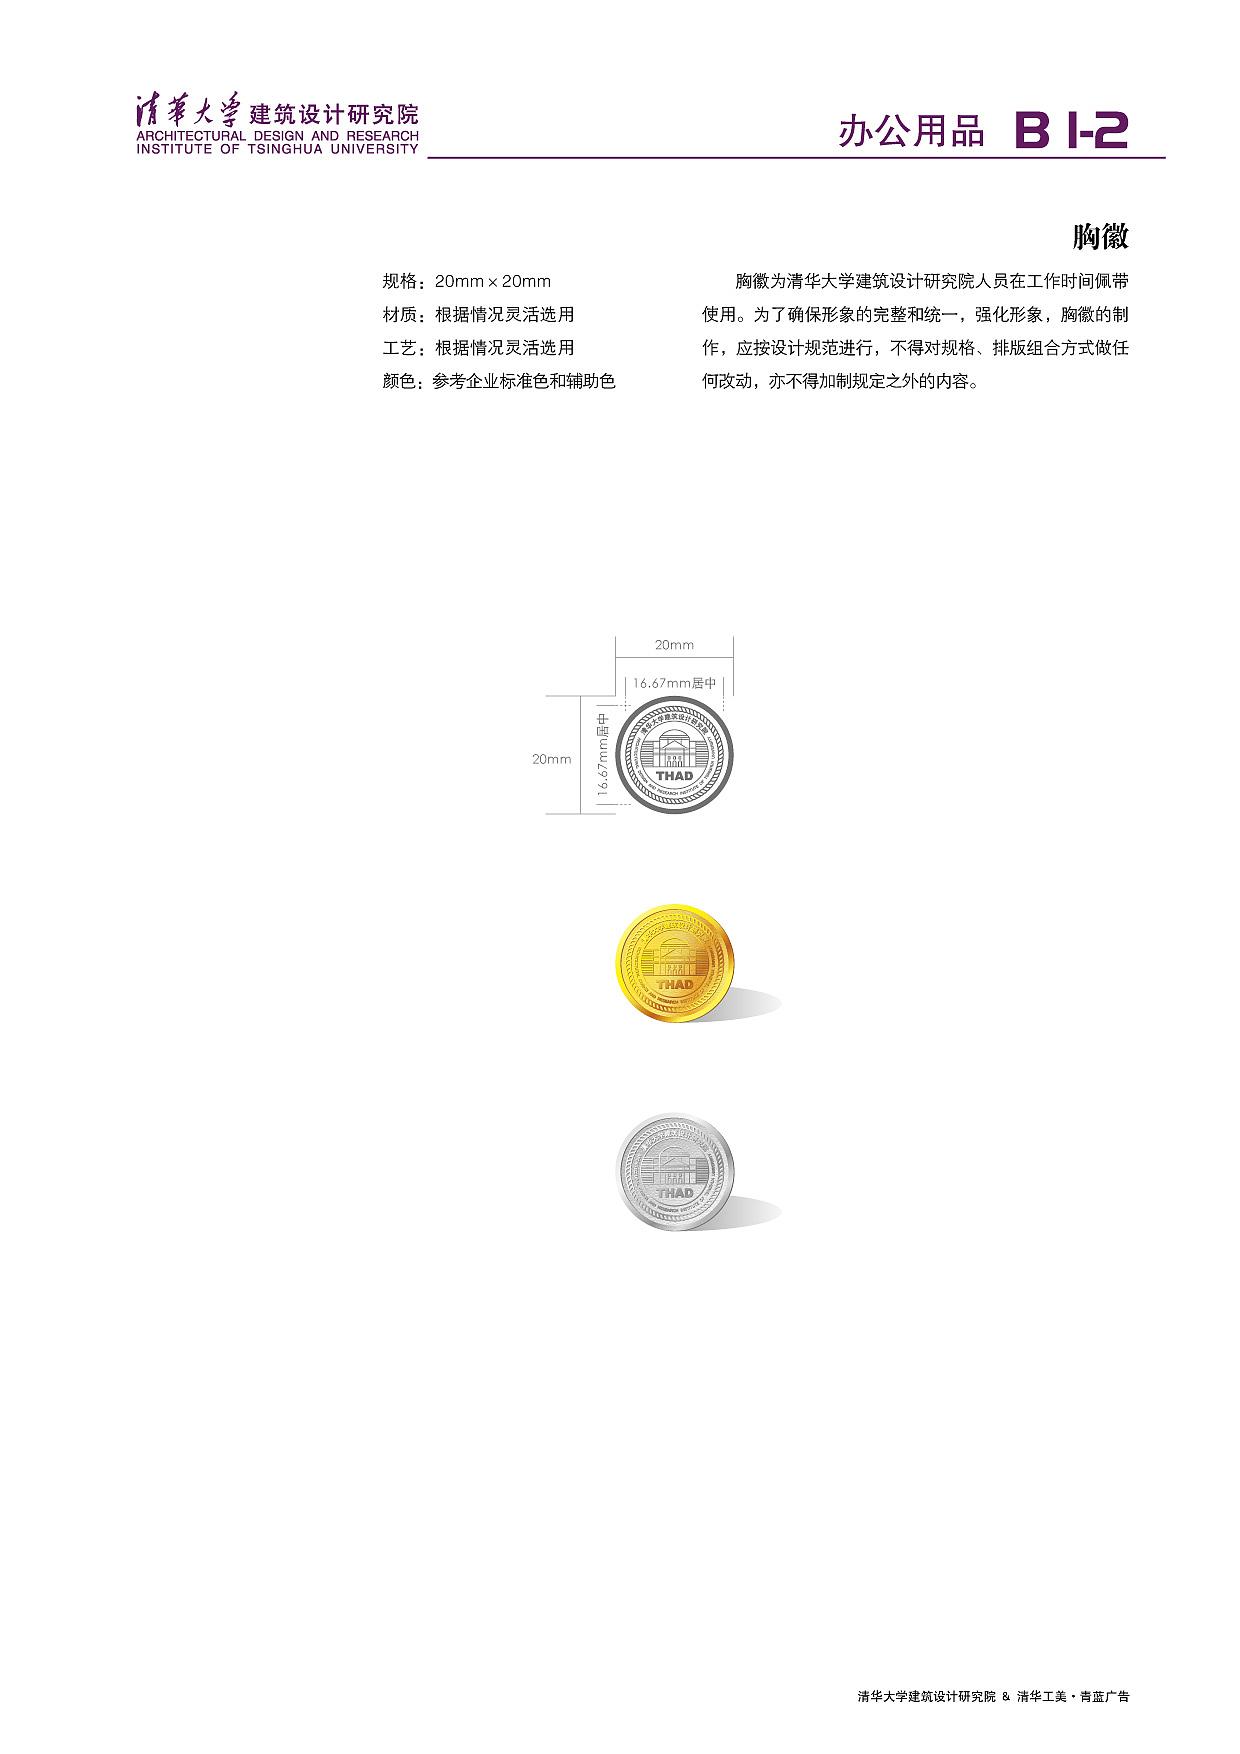 清华大学建筑设计研究院平面及VIv平面|公司|品郑州成品房装修设计标志图片